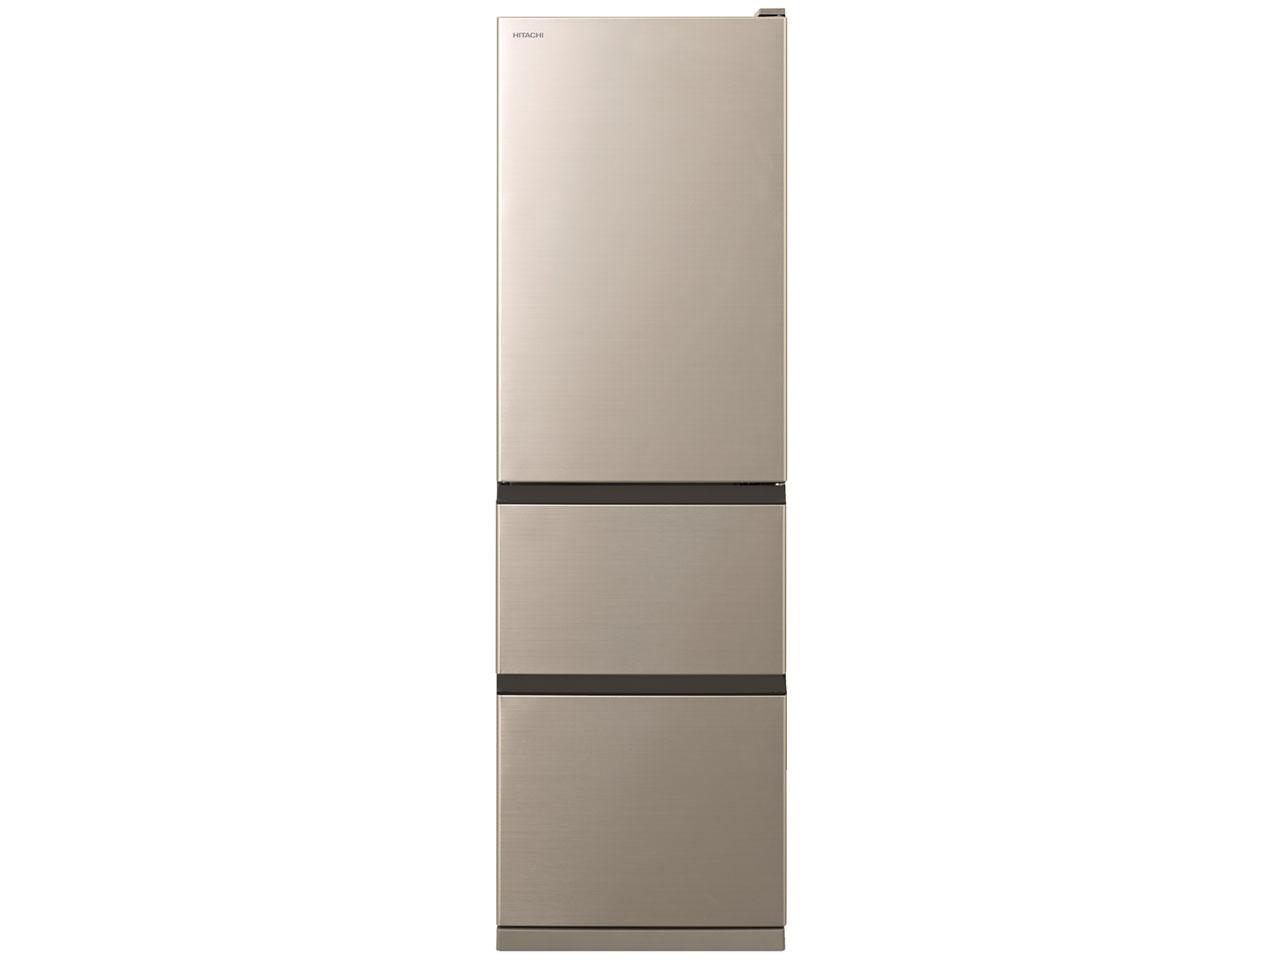 【標準設置対応付】日立 R-S40R XN 冷蔵庫 (401L・右開き) 5ドア クリスタルシャンパン